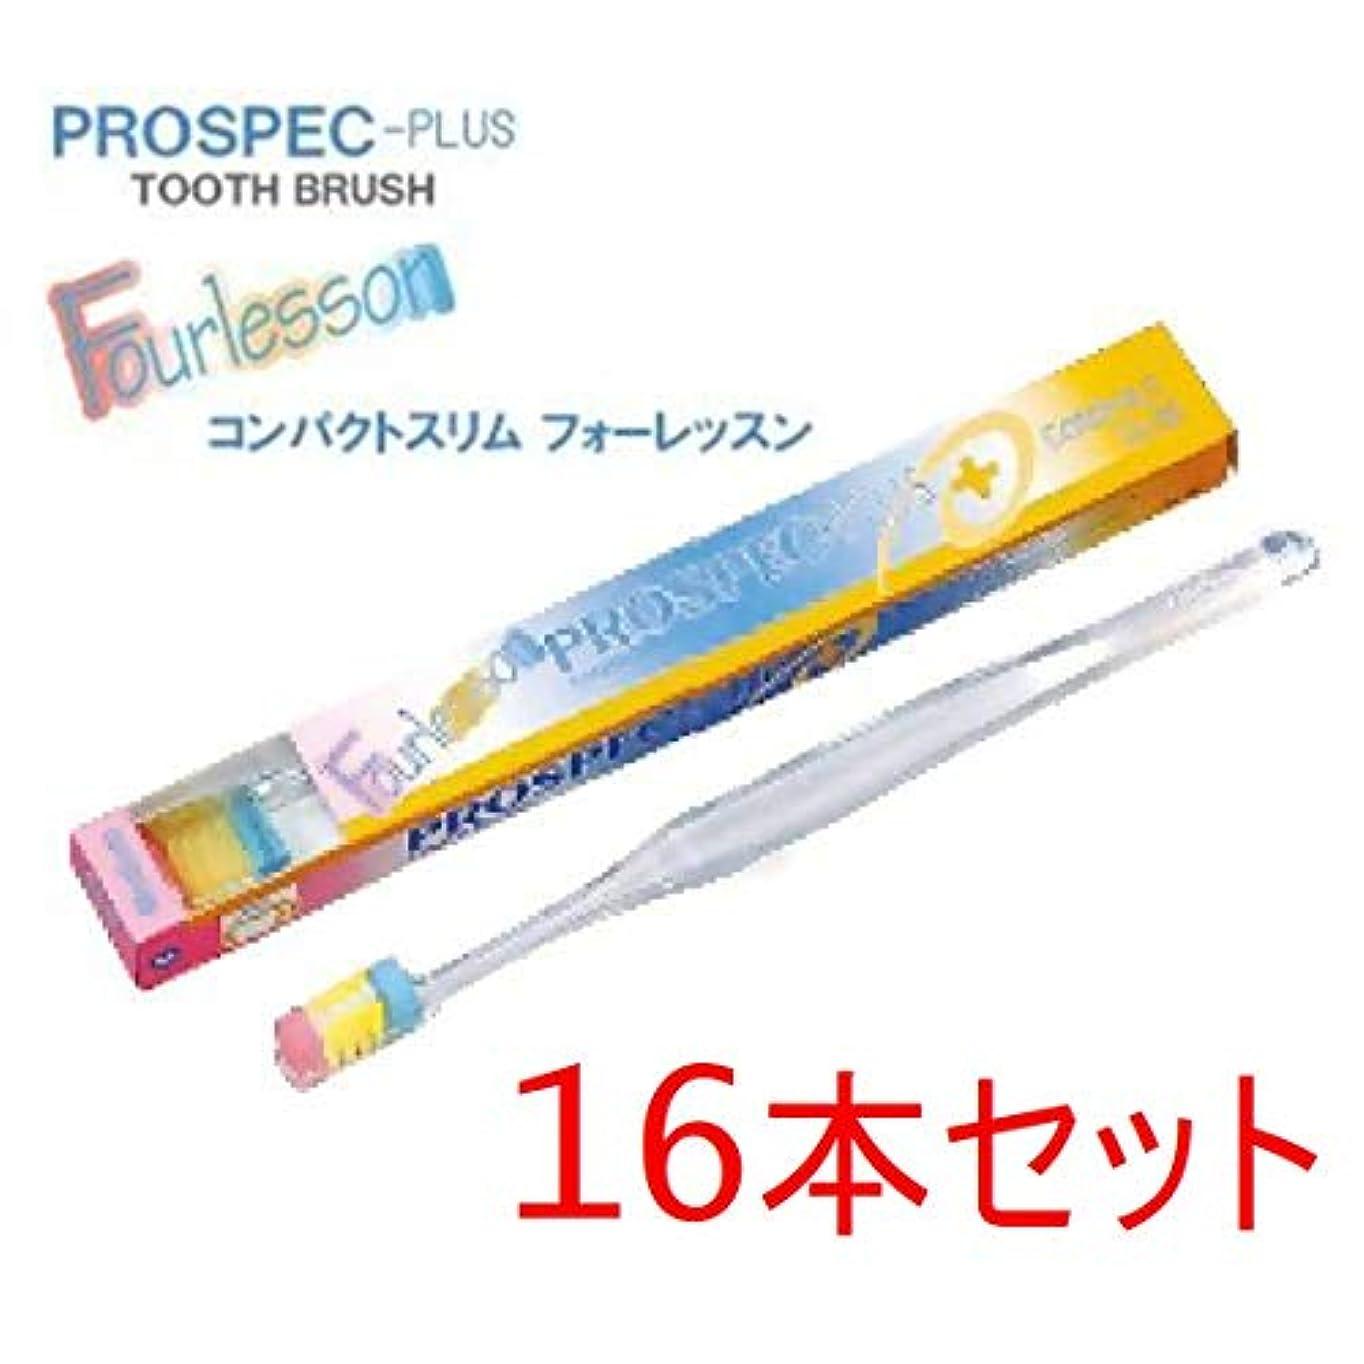 ドレインくセラープロスペック 歯ブラシ コンパクトスリム 16本 フォーレッスン 毛の硬さ ふつう